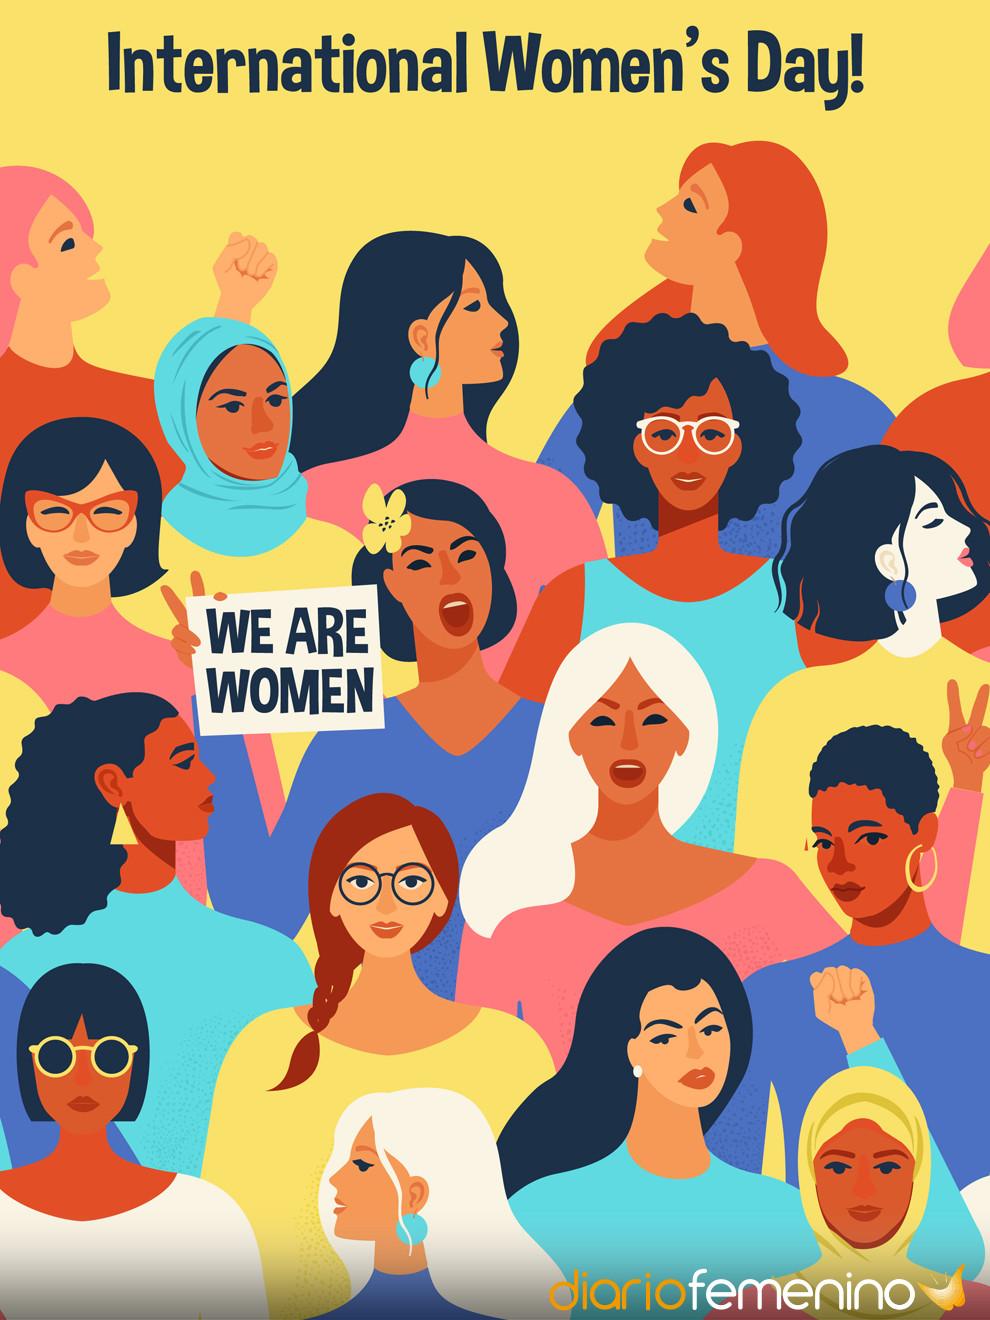 Perfecta tarjeta con ilustración para reivindicar igualdad en el Día de la Mujer